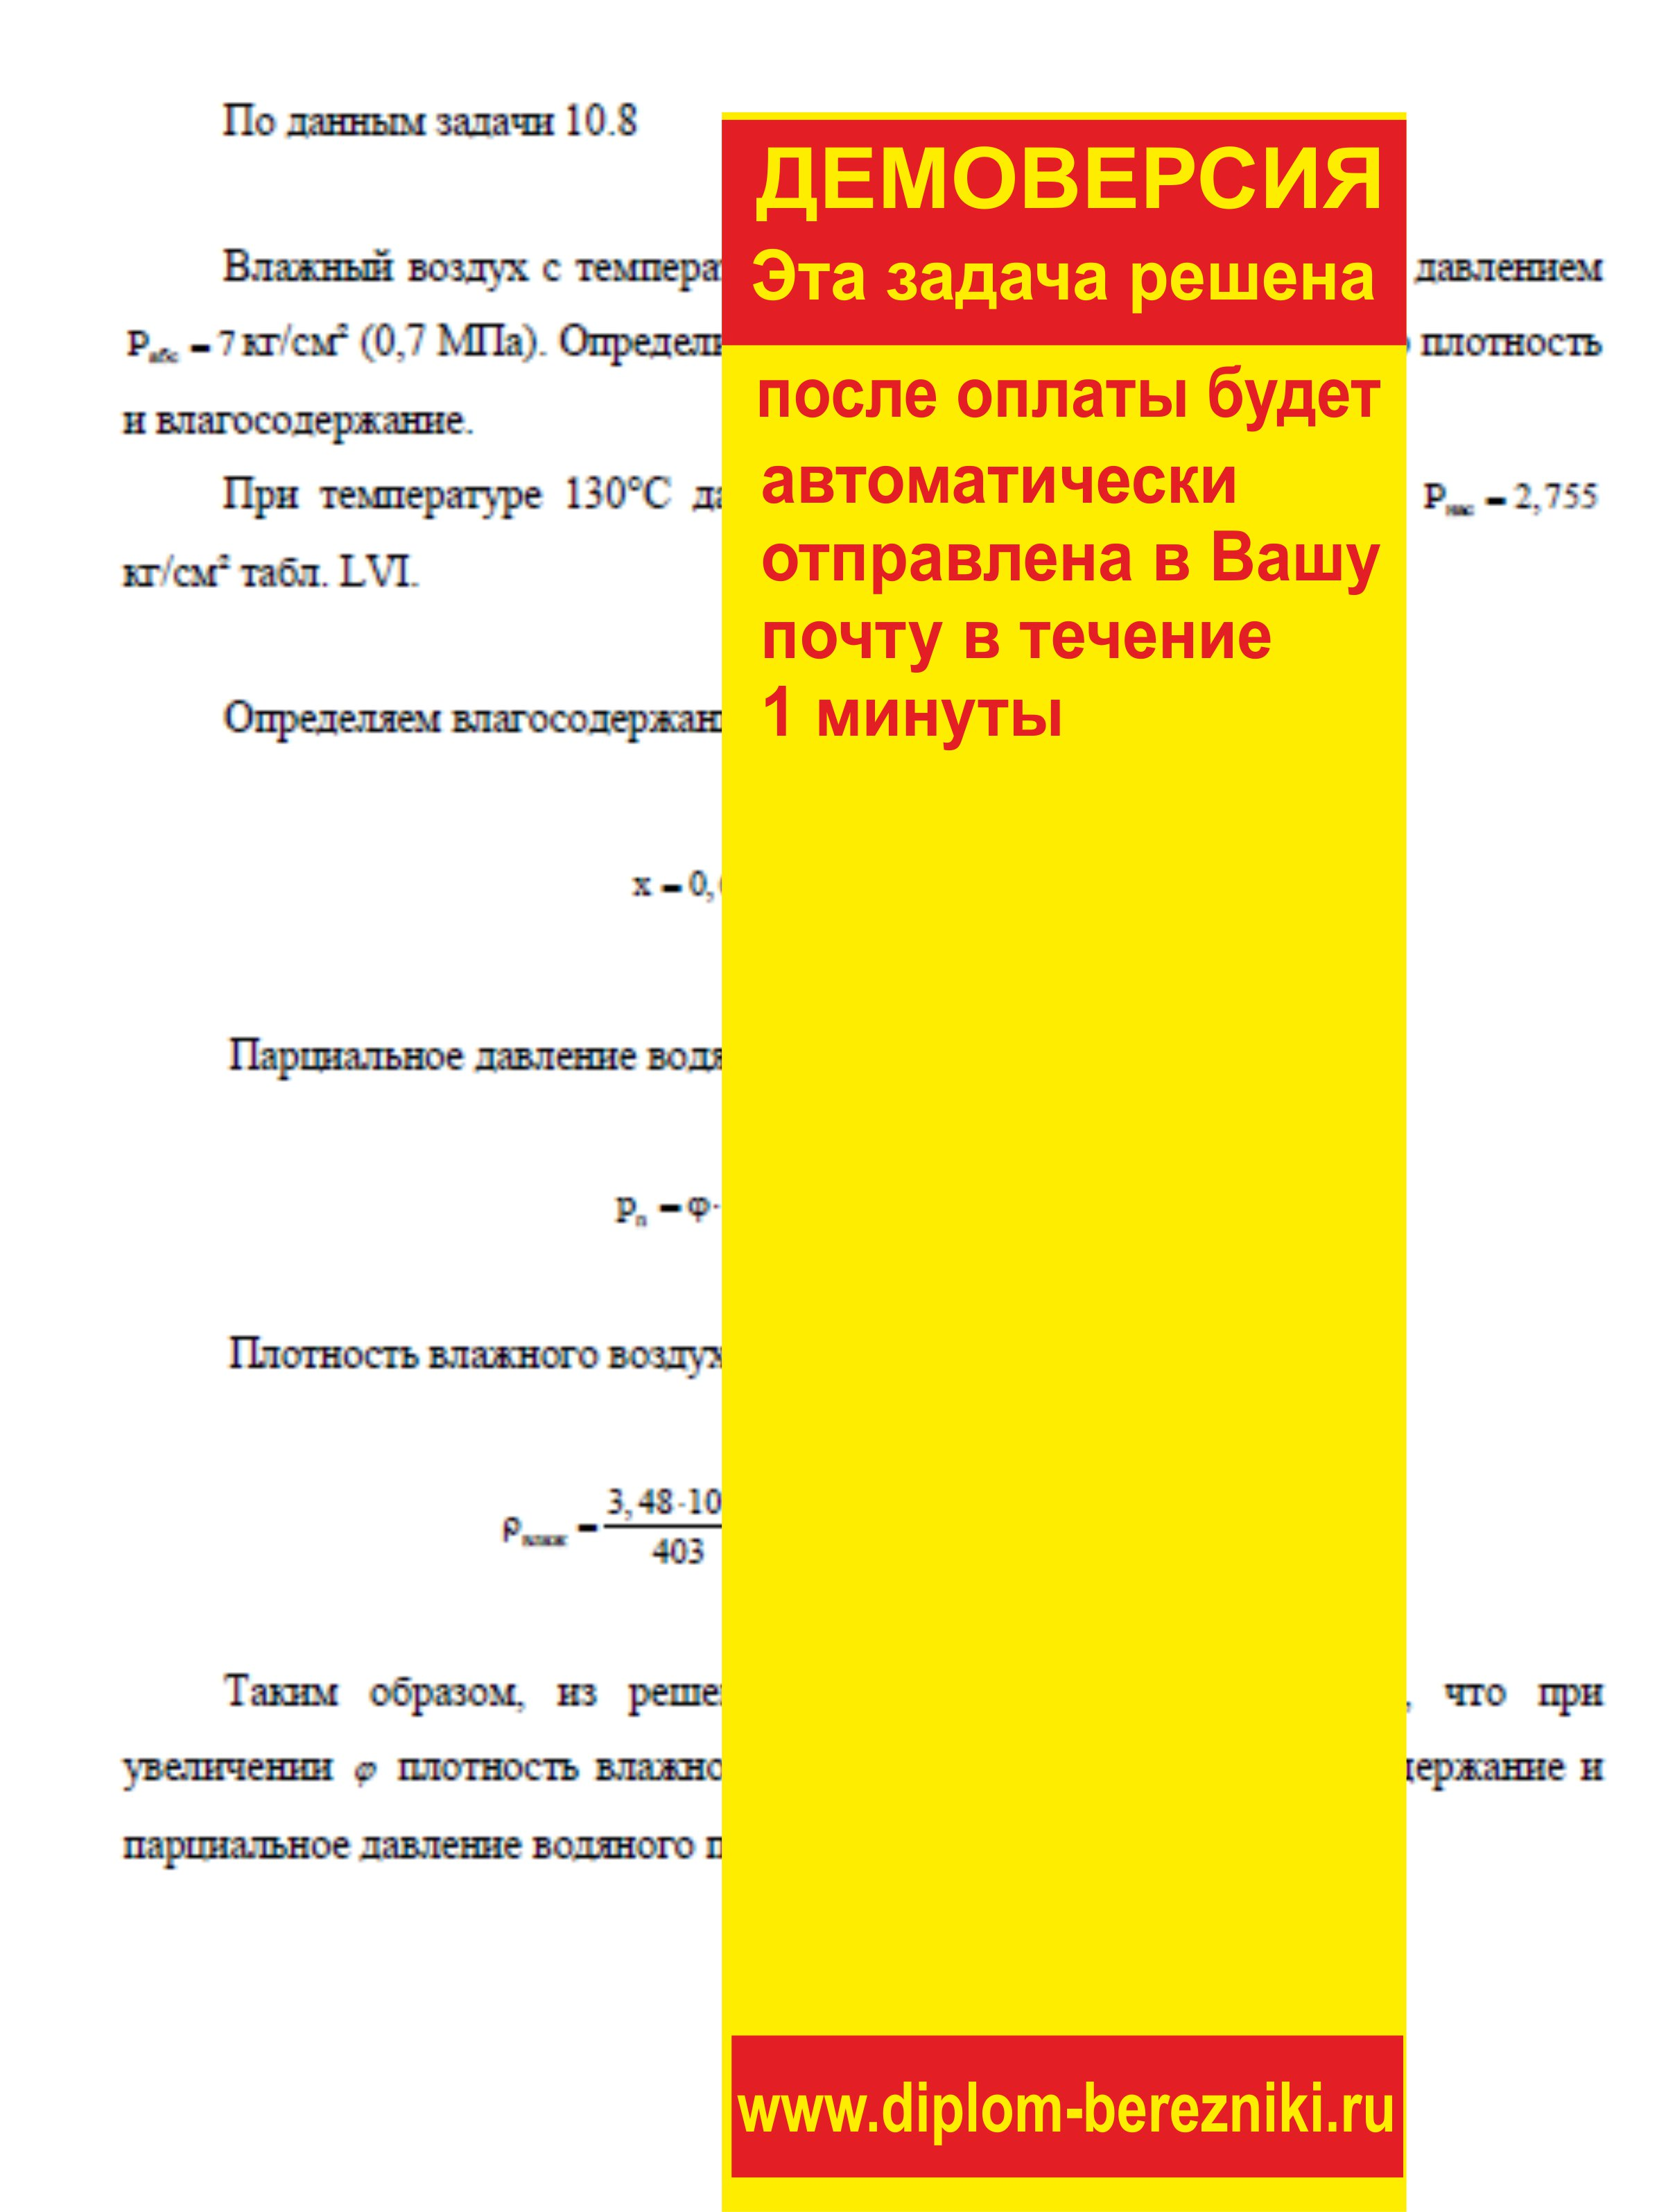 Решение задачи 10.10 по ПАХТ из задачника Павлова Романкова Носкова